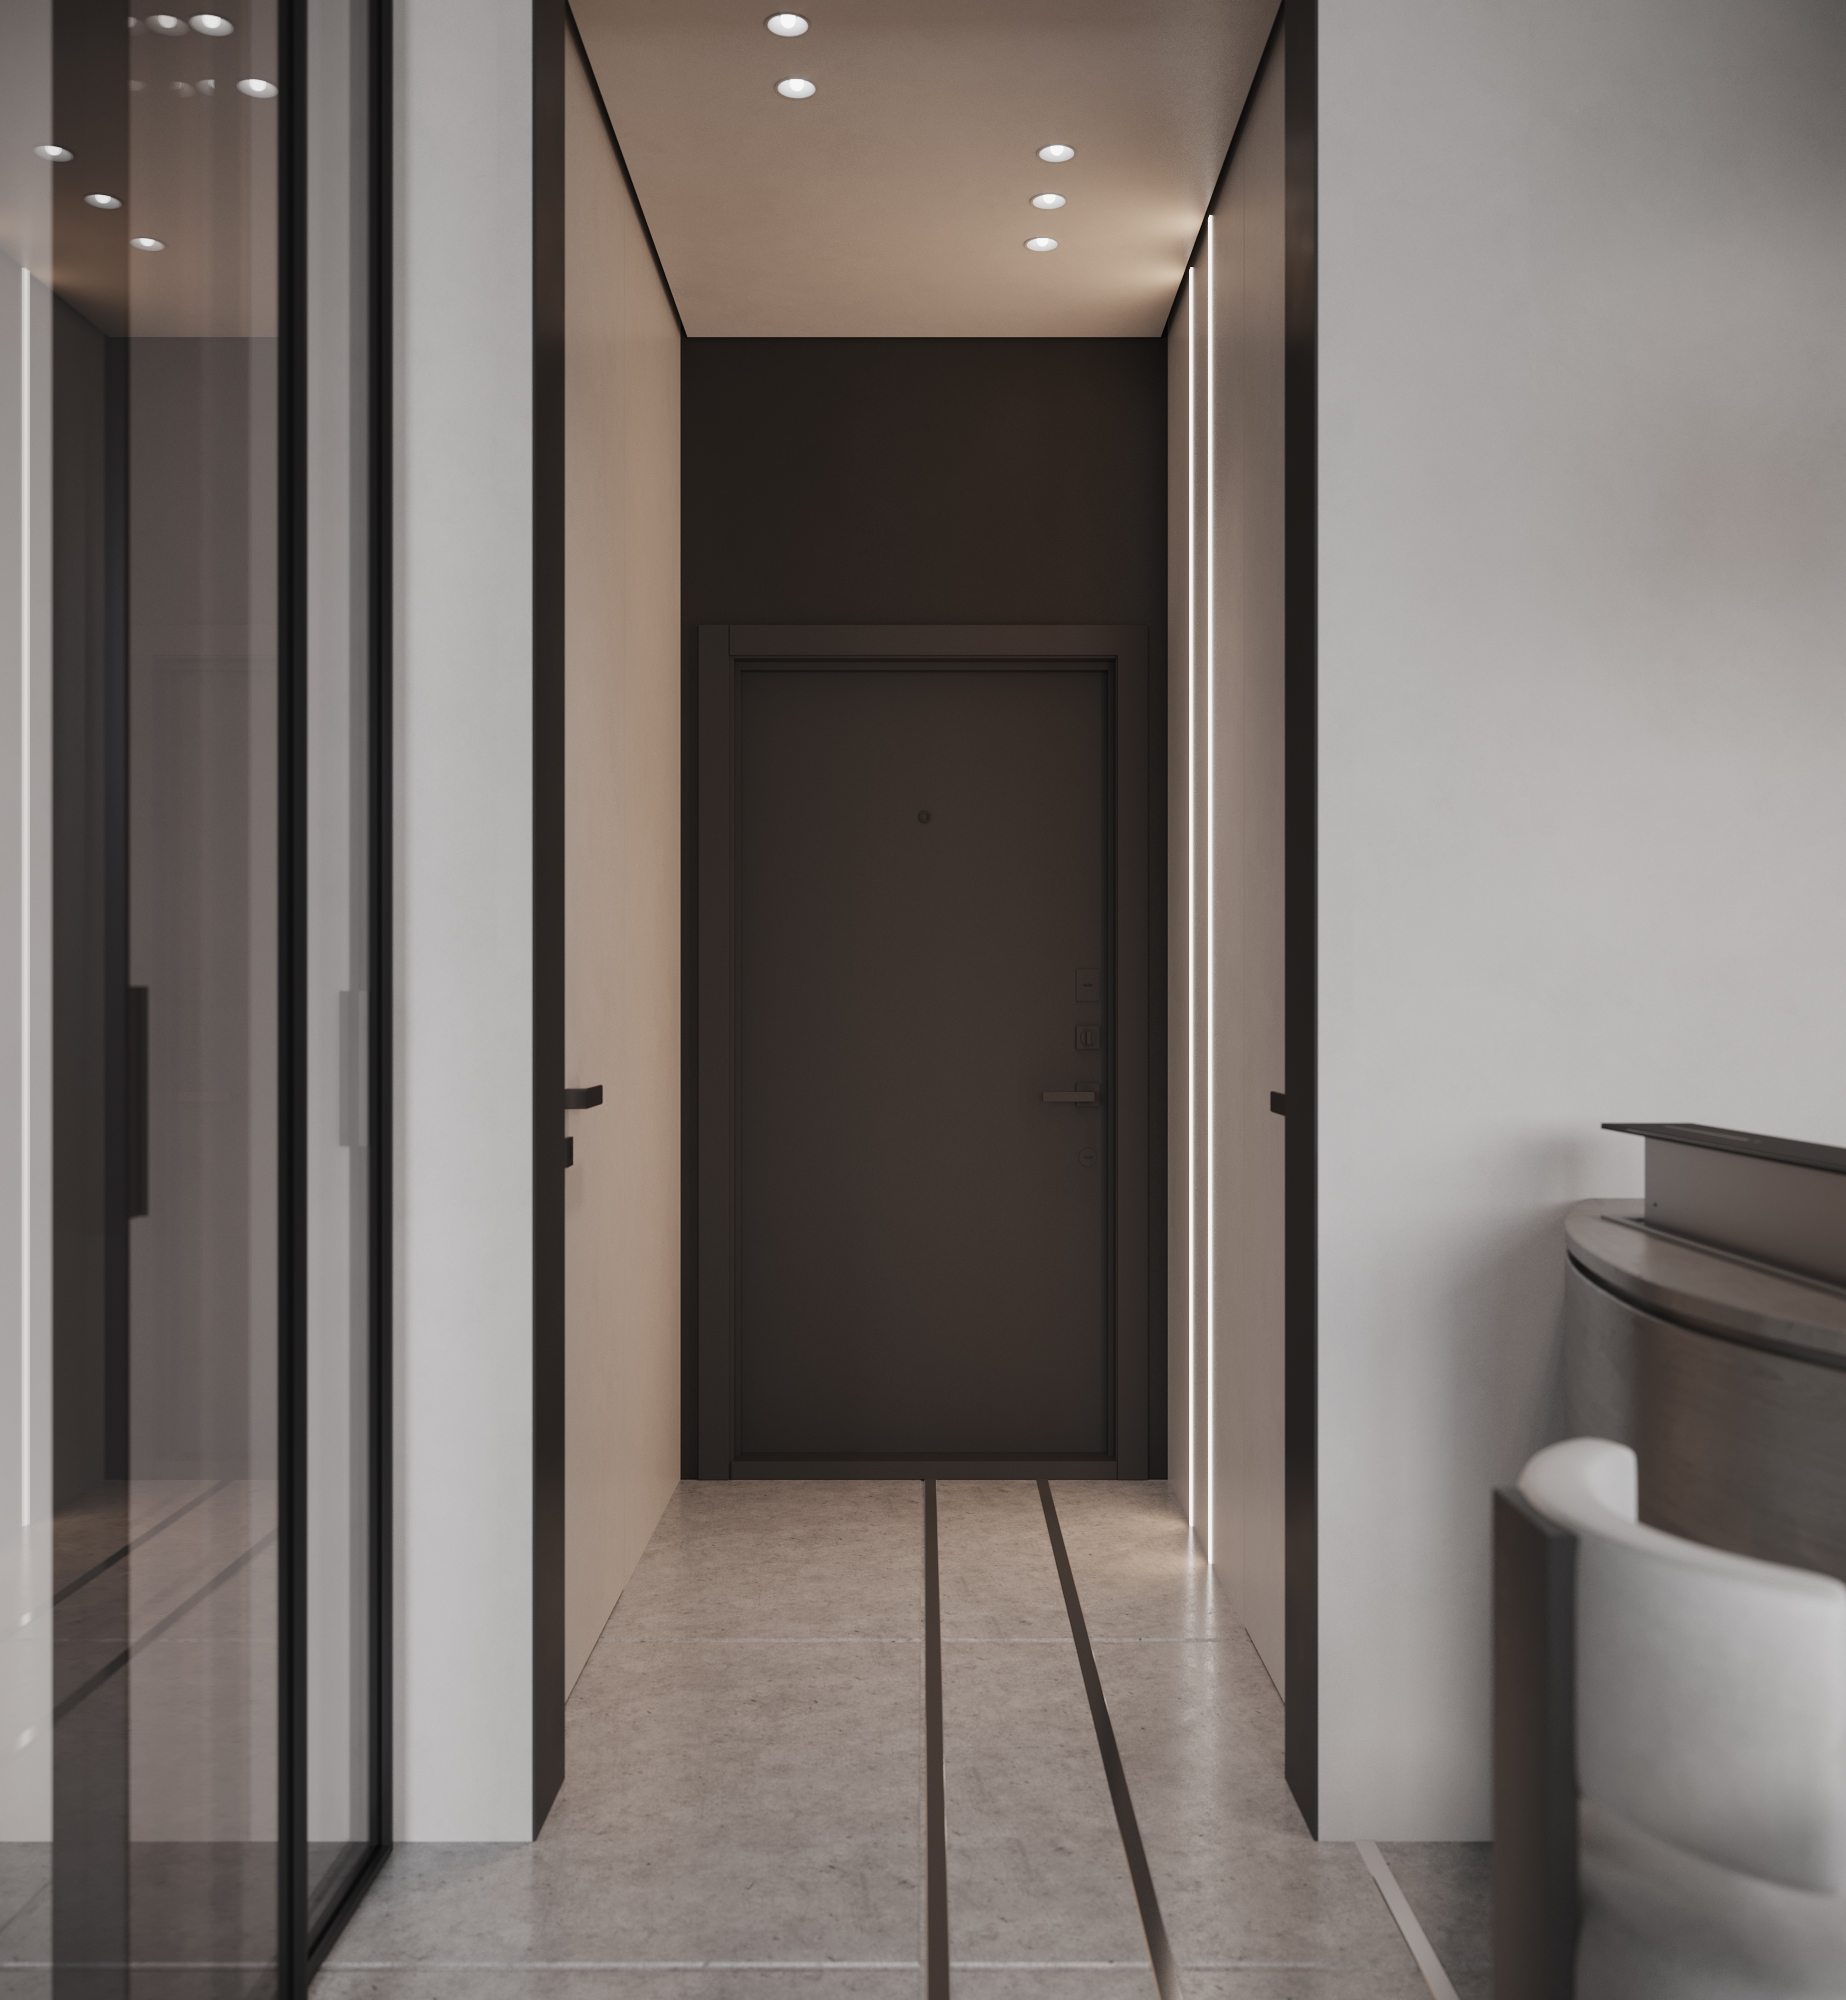 Игра линий формирует геометрию пространства и удлиняет узкий коридор, скрытые двери ведут в гардеробную и ванную